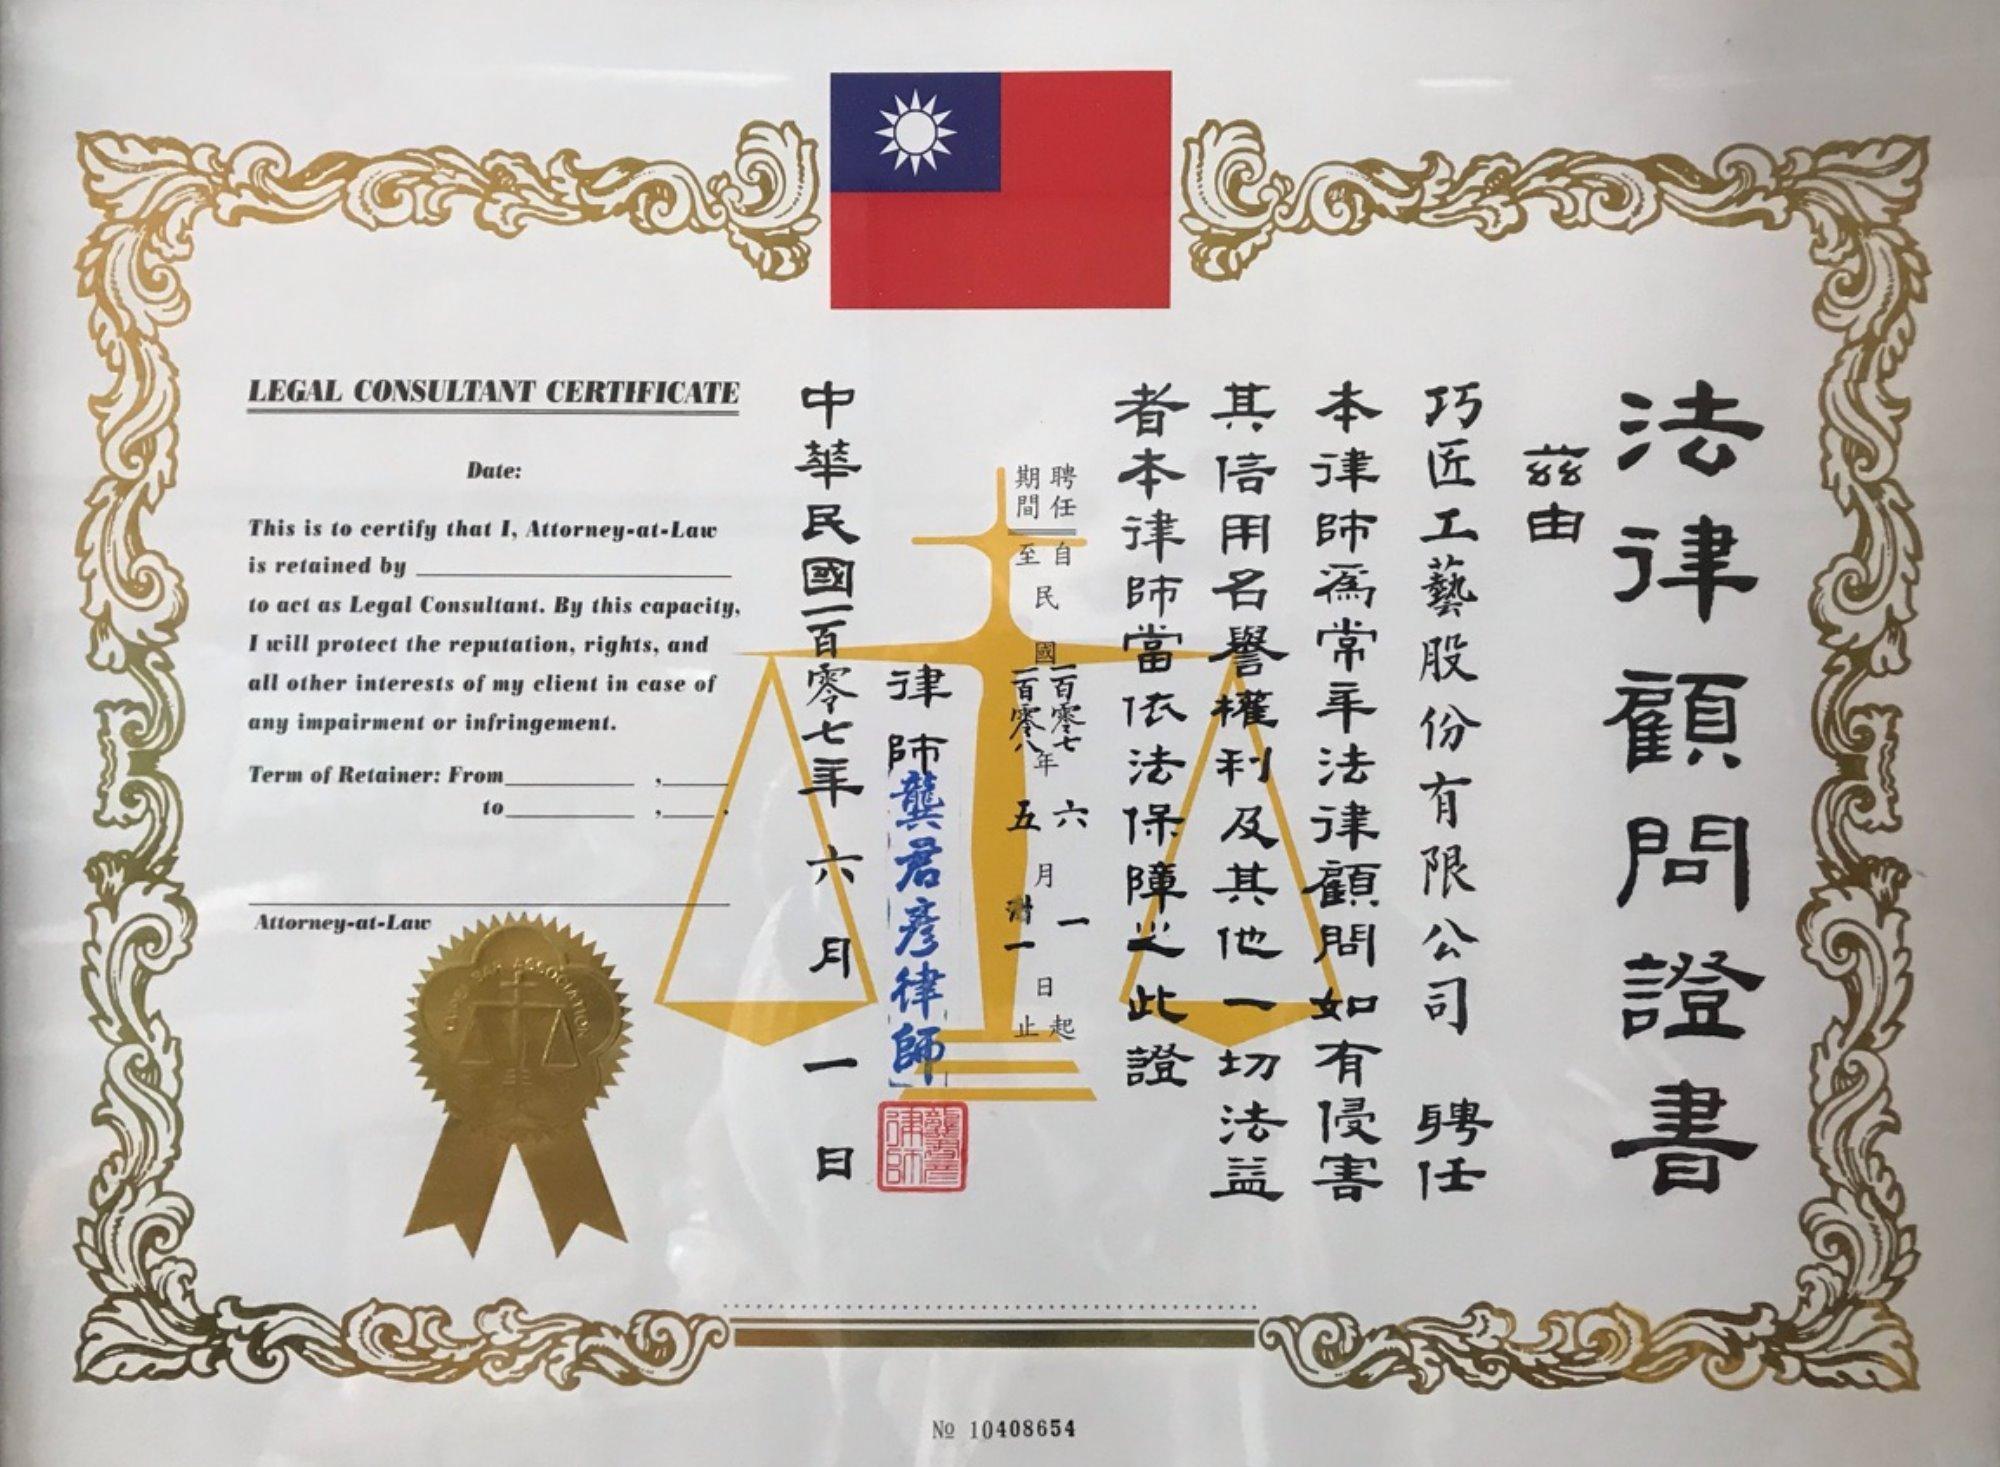 【特別公告】 銓律國際法律事務所 龔君彥律師,正式聘任為常年顧問一職